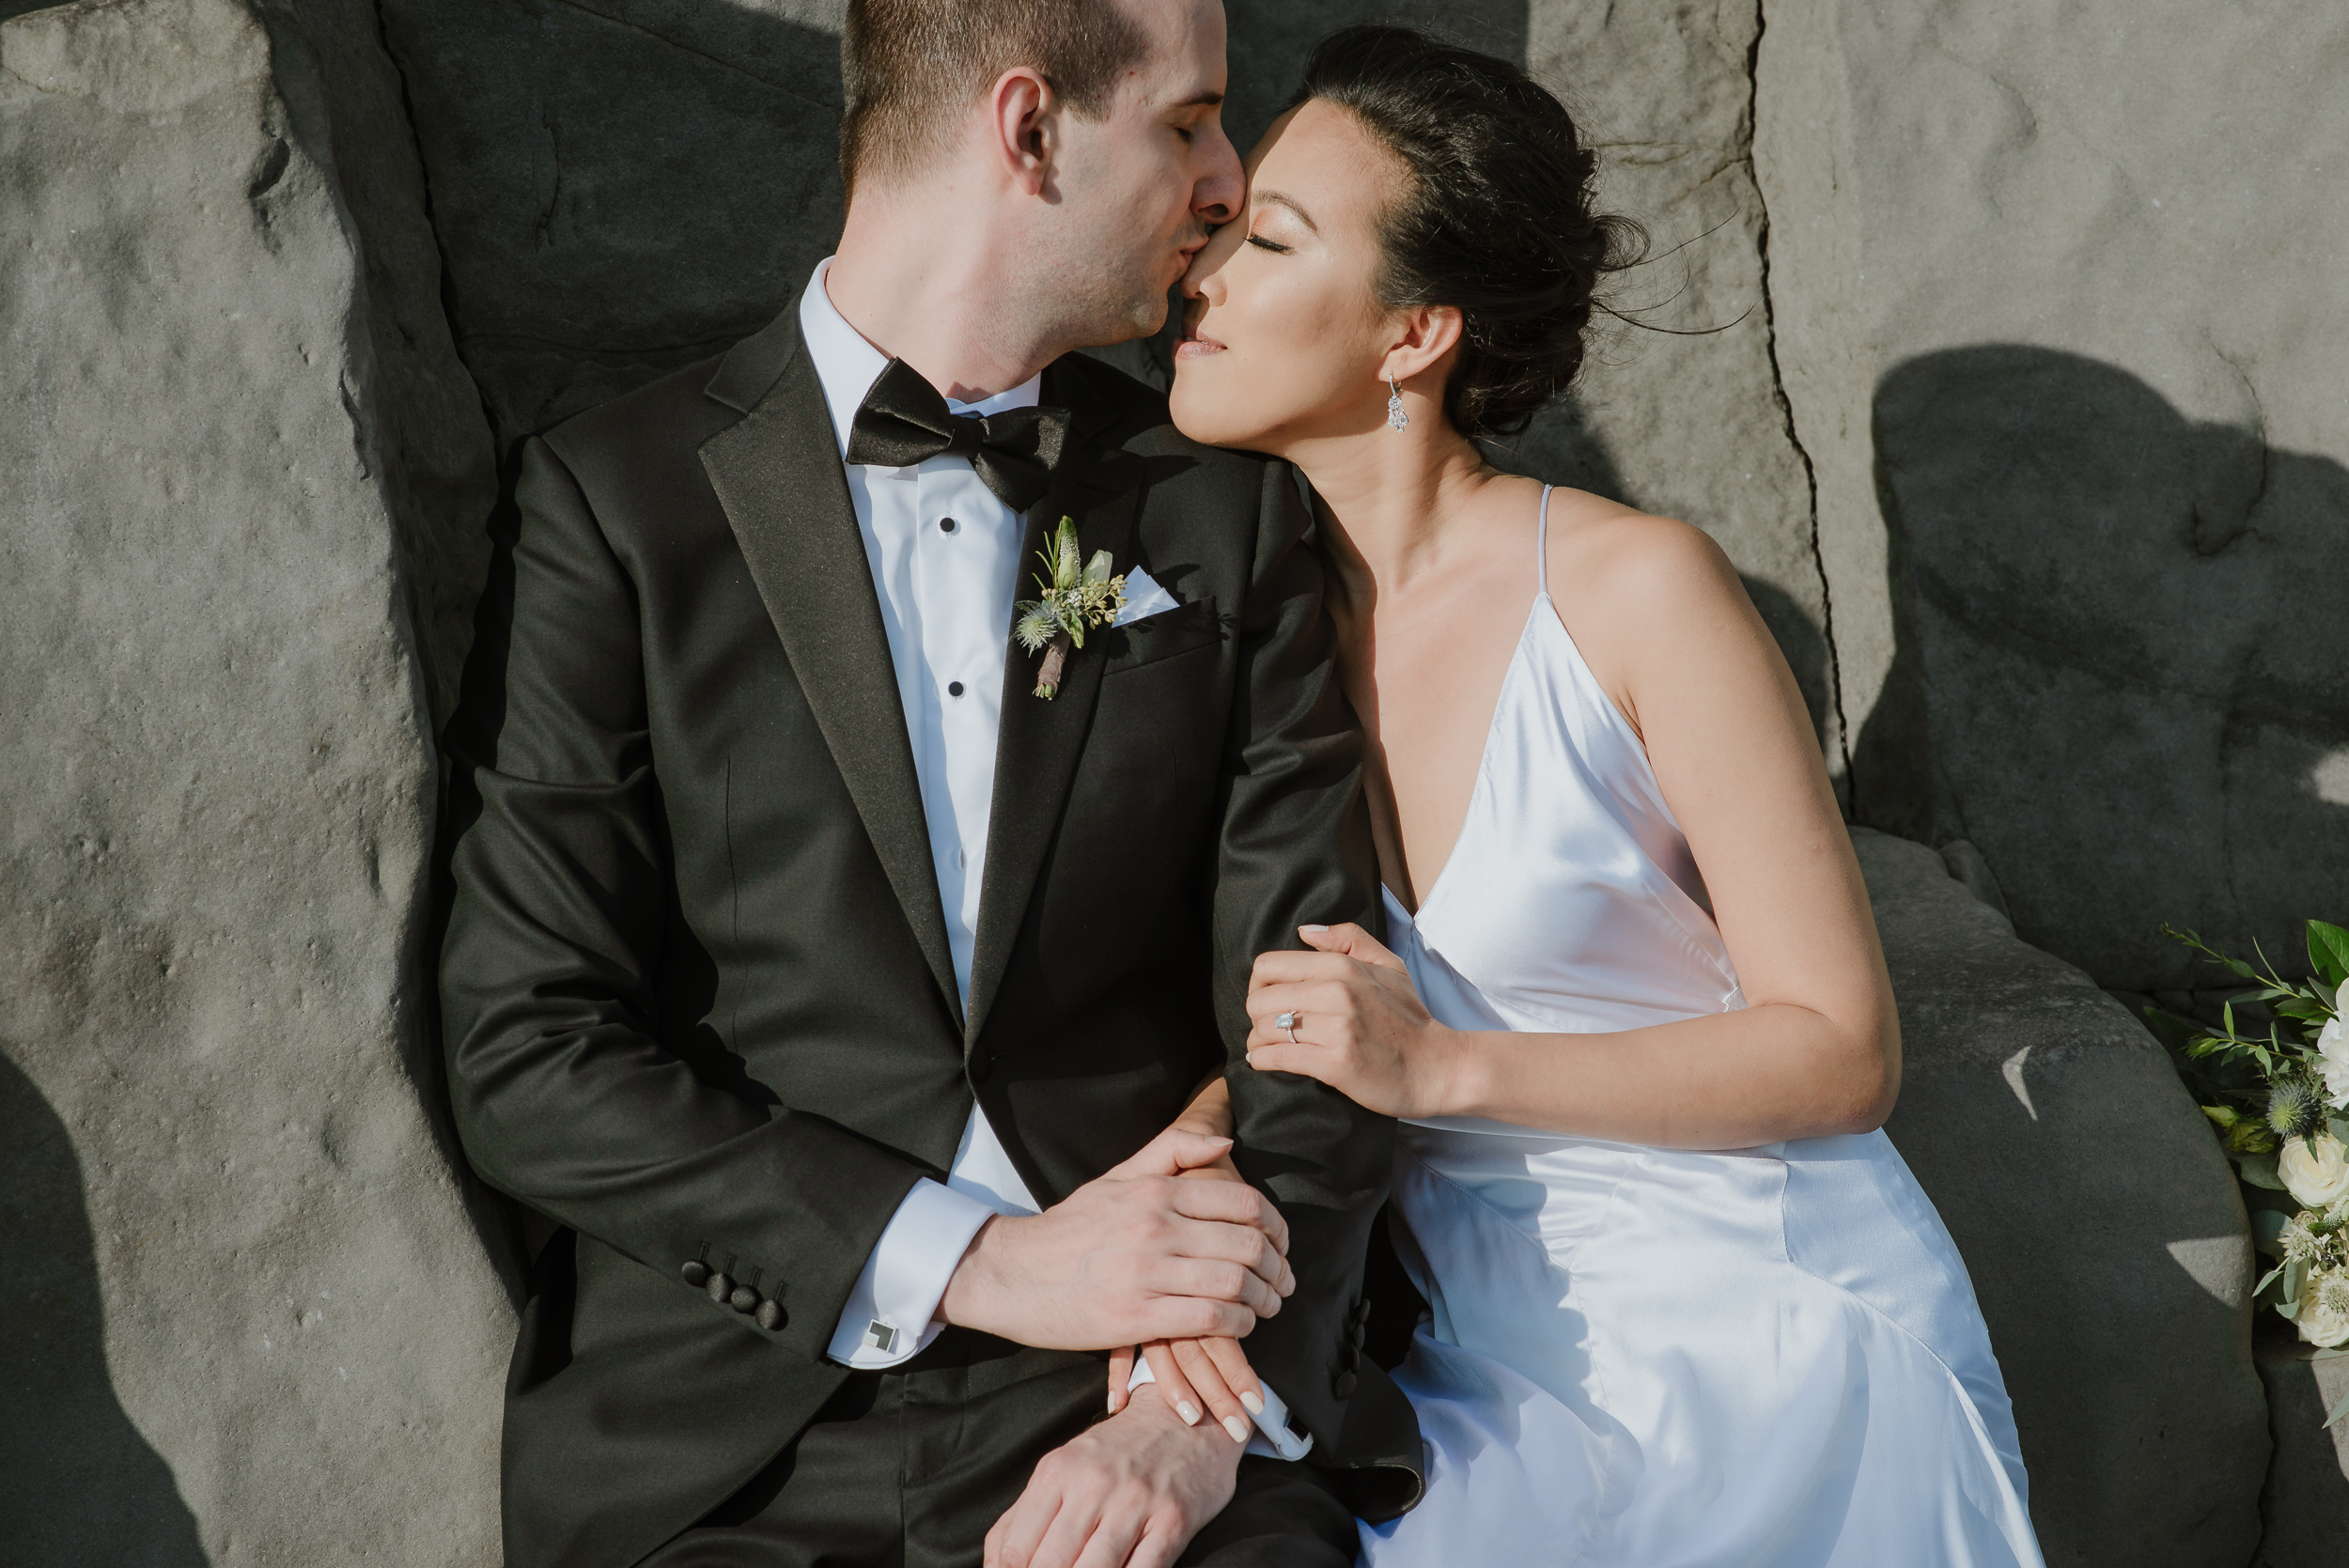 destination-wedding-iceland-engagement-session-vivianchen-179.jpg